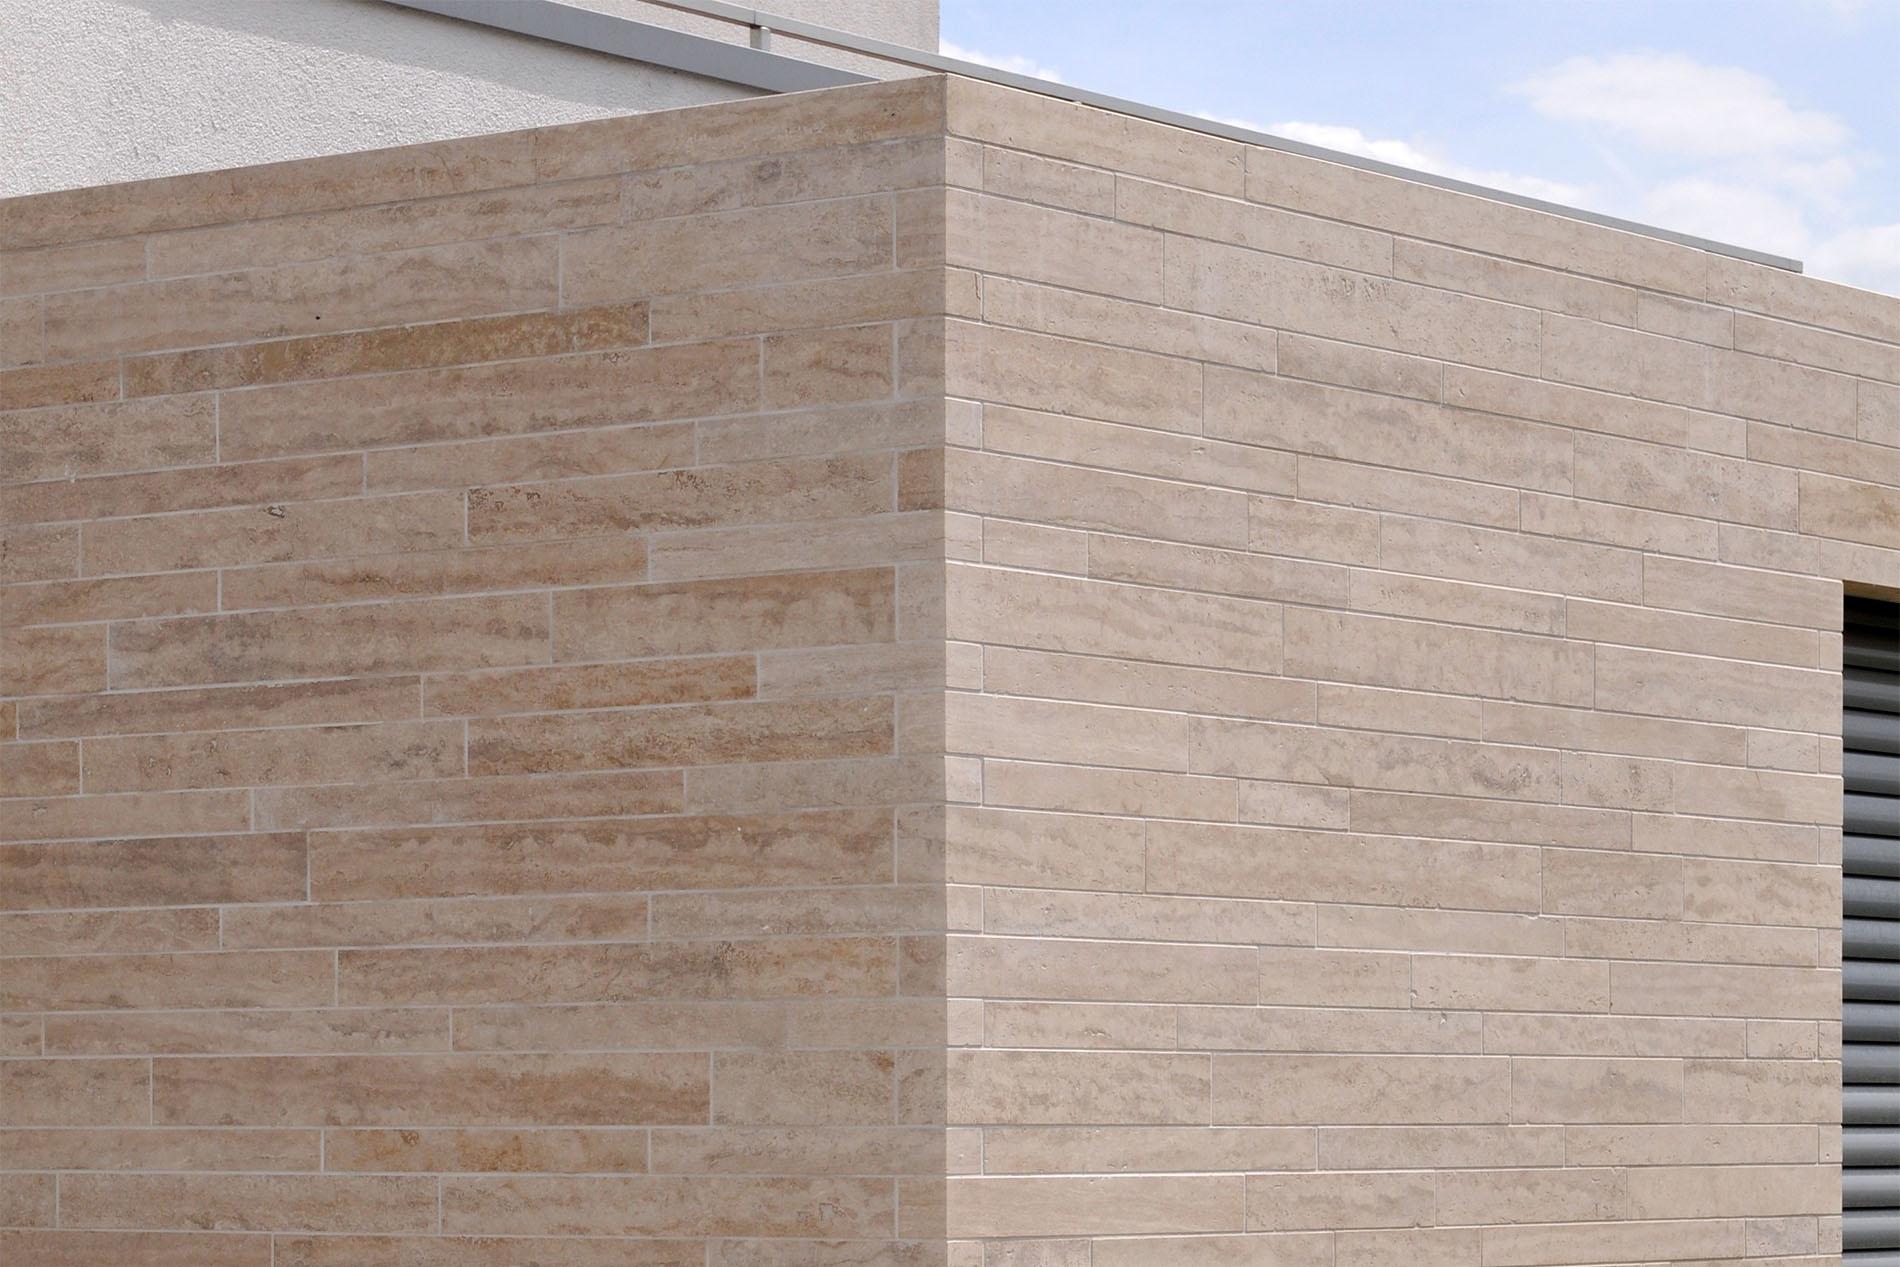 Natursteinfassade aus Travertin Verblendern von TRACO